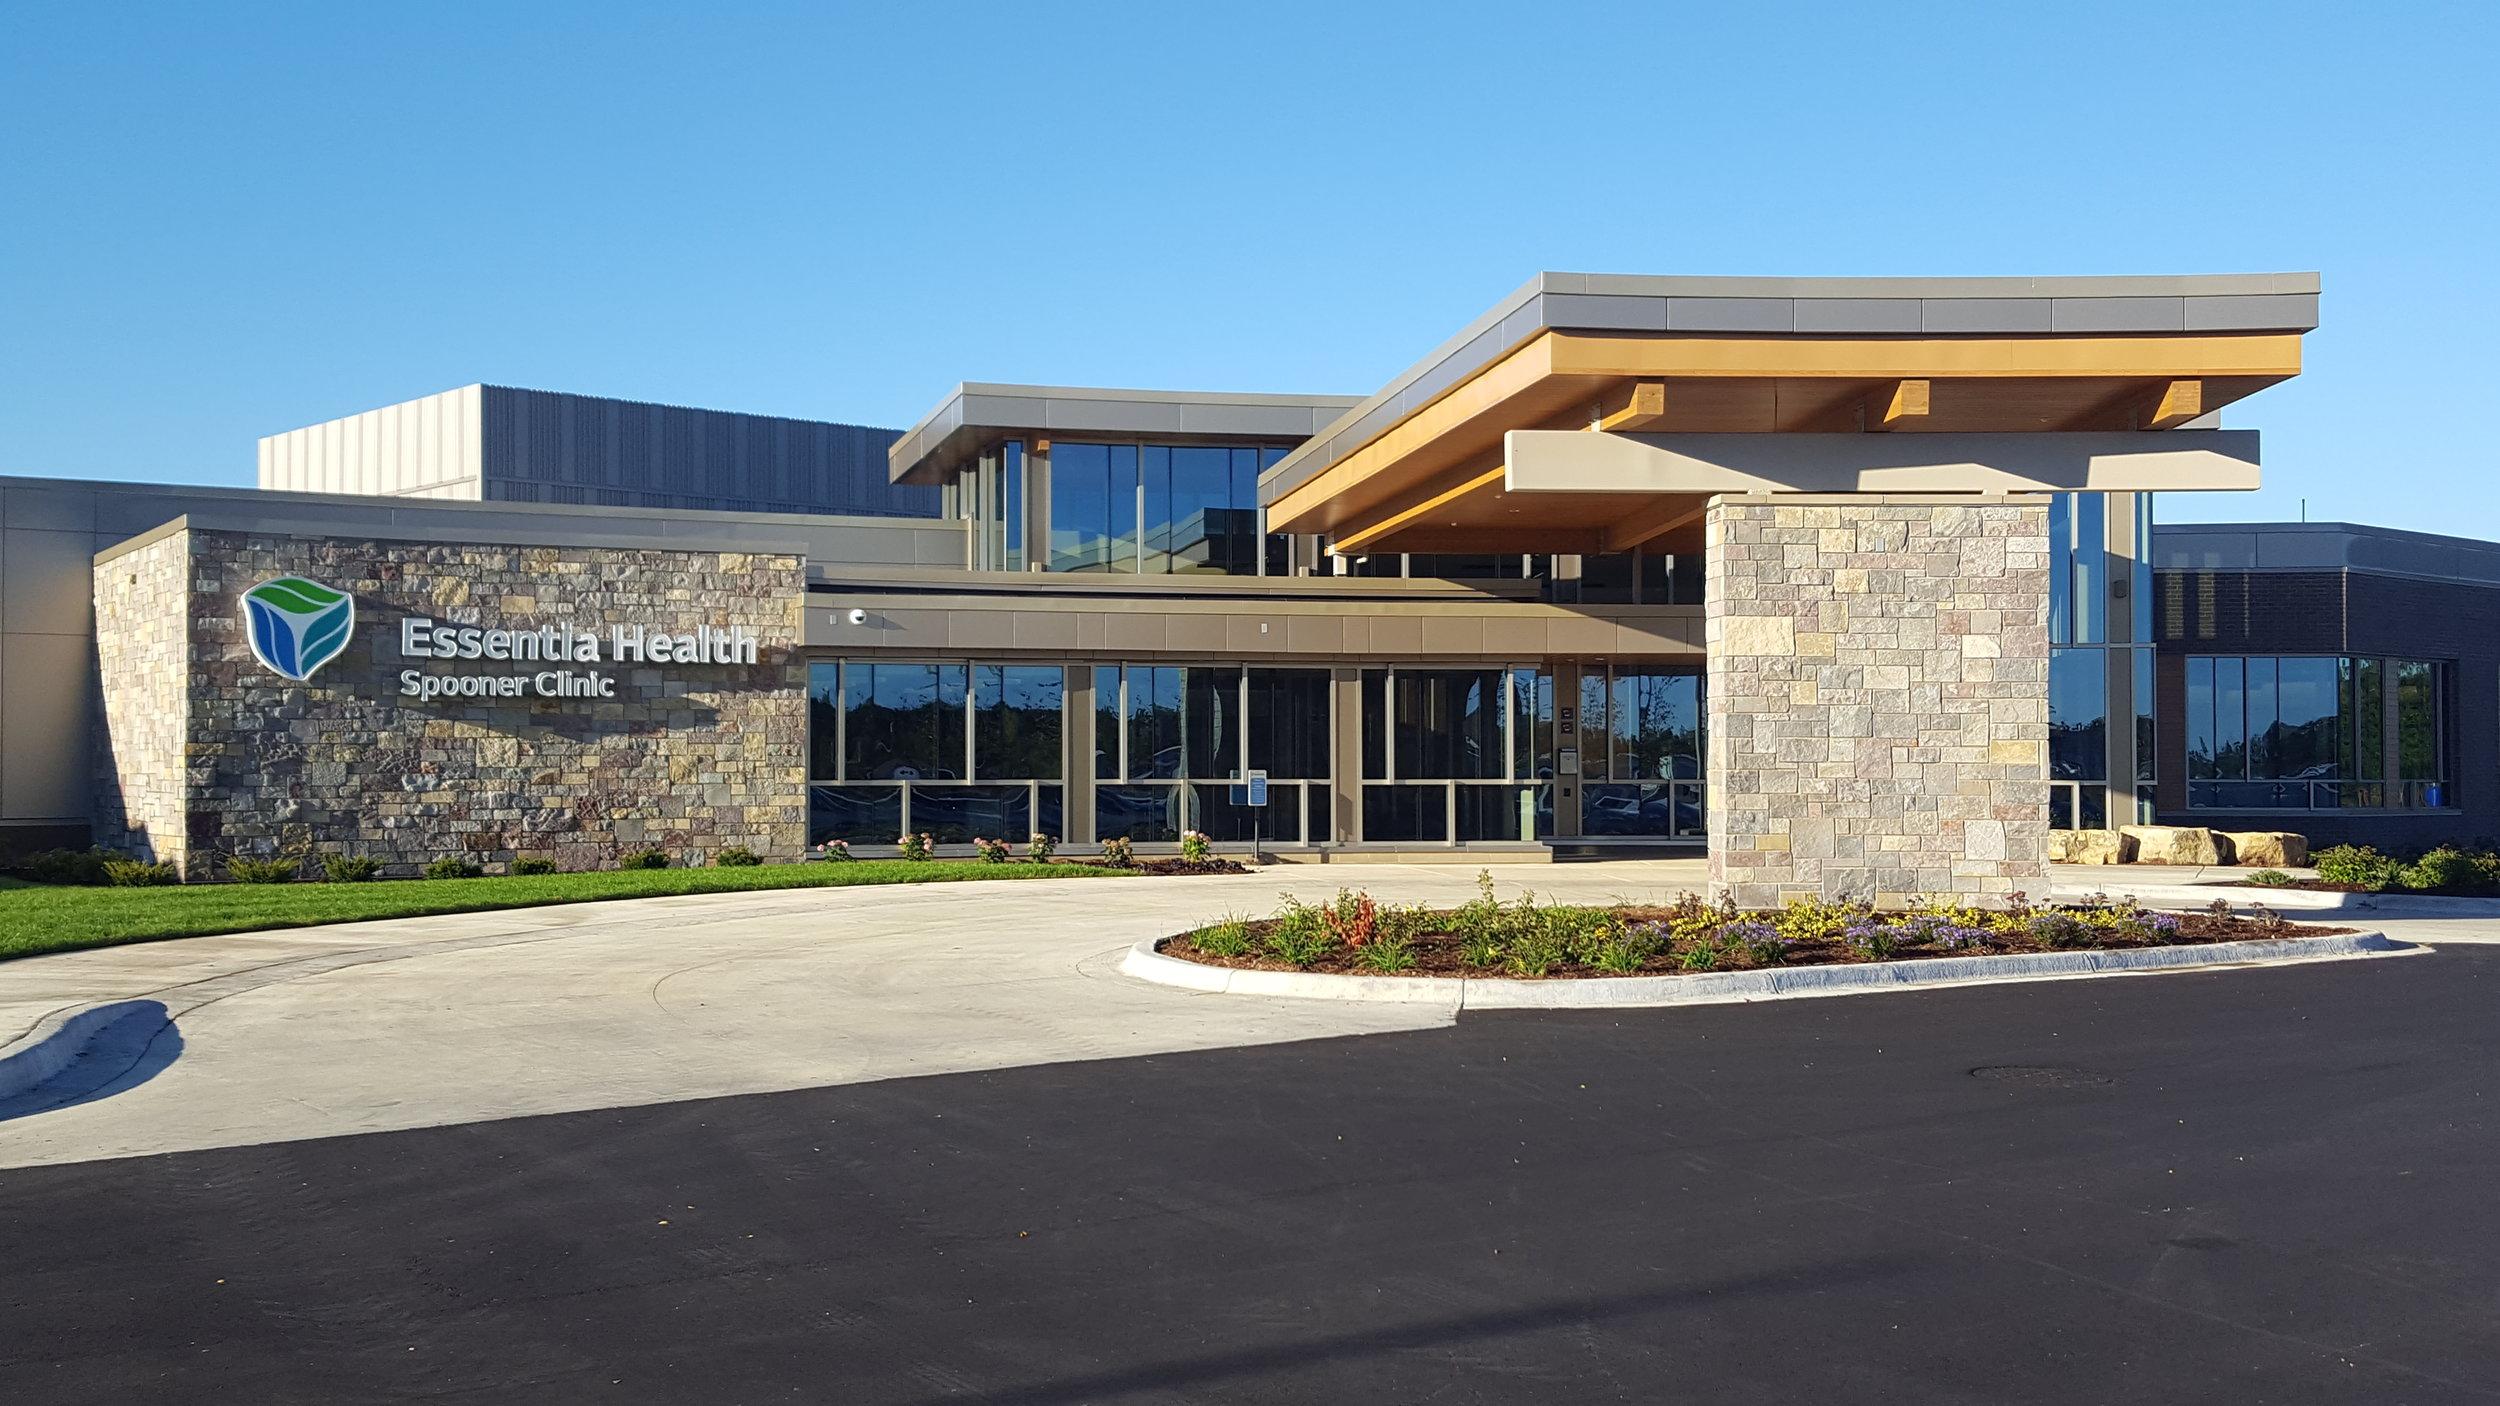 Essentia Health Spooner Clinic